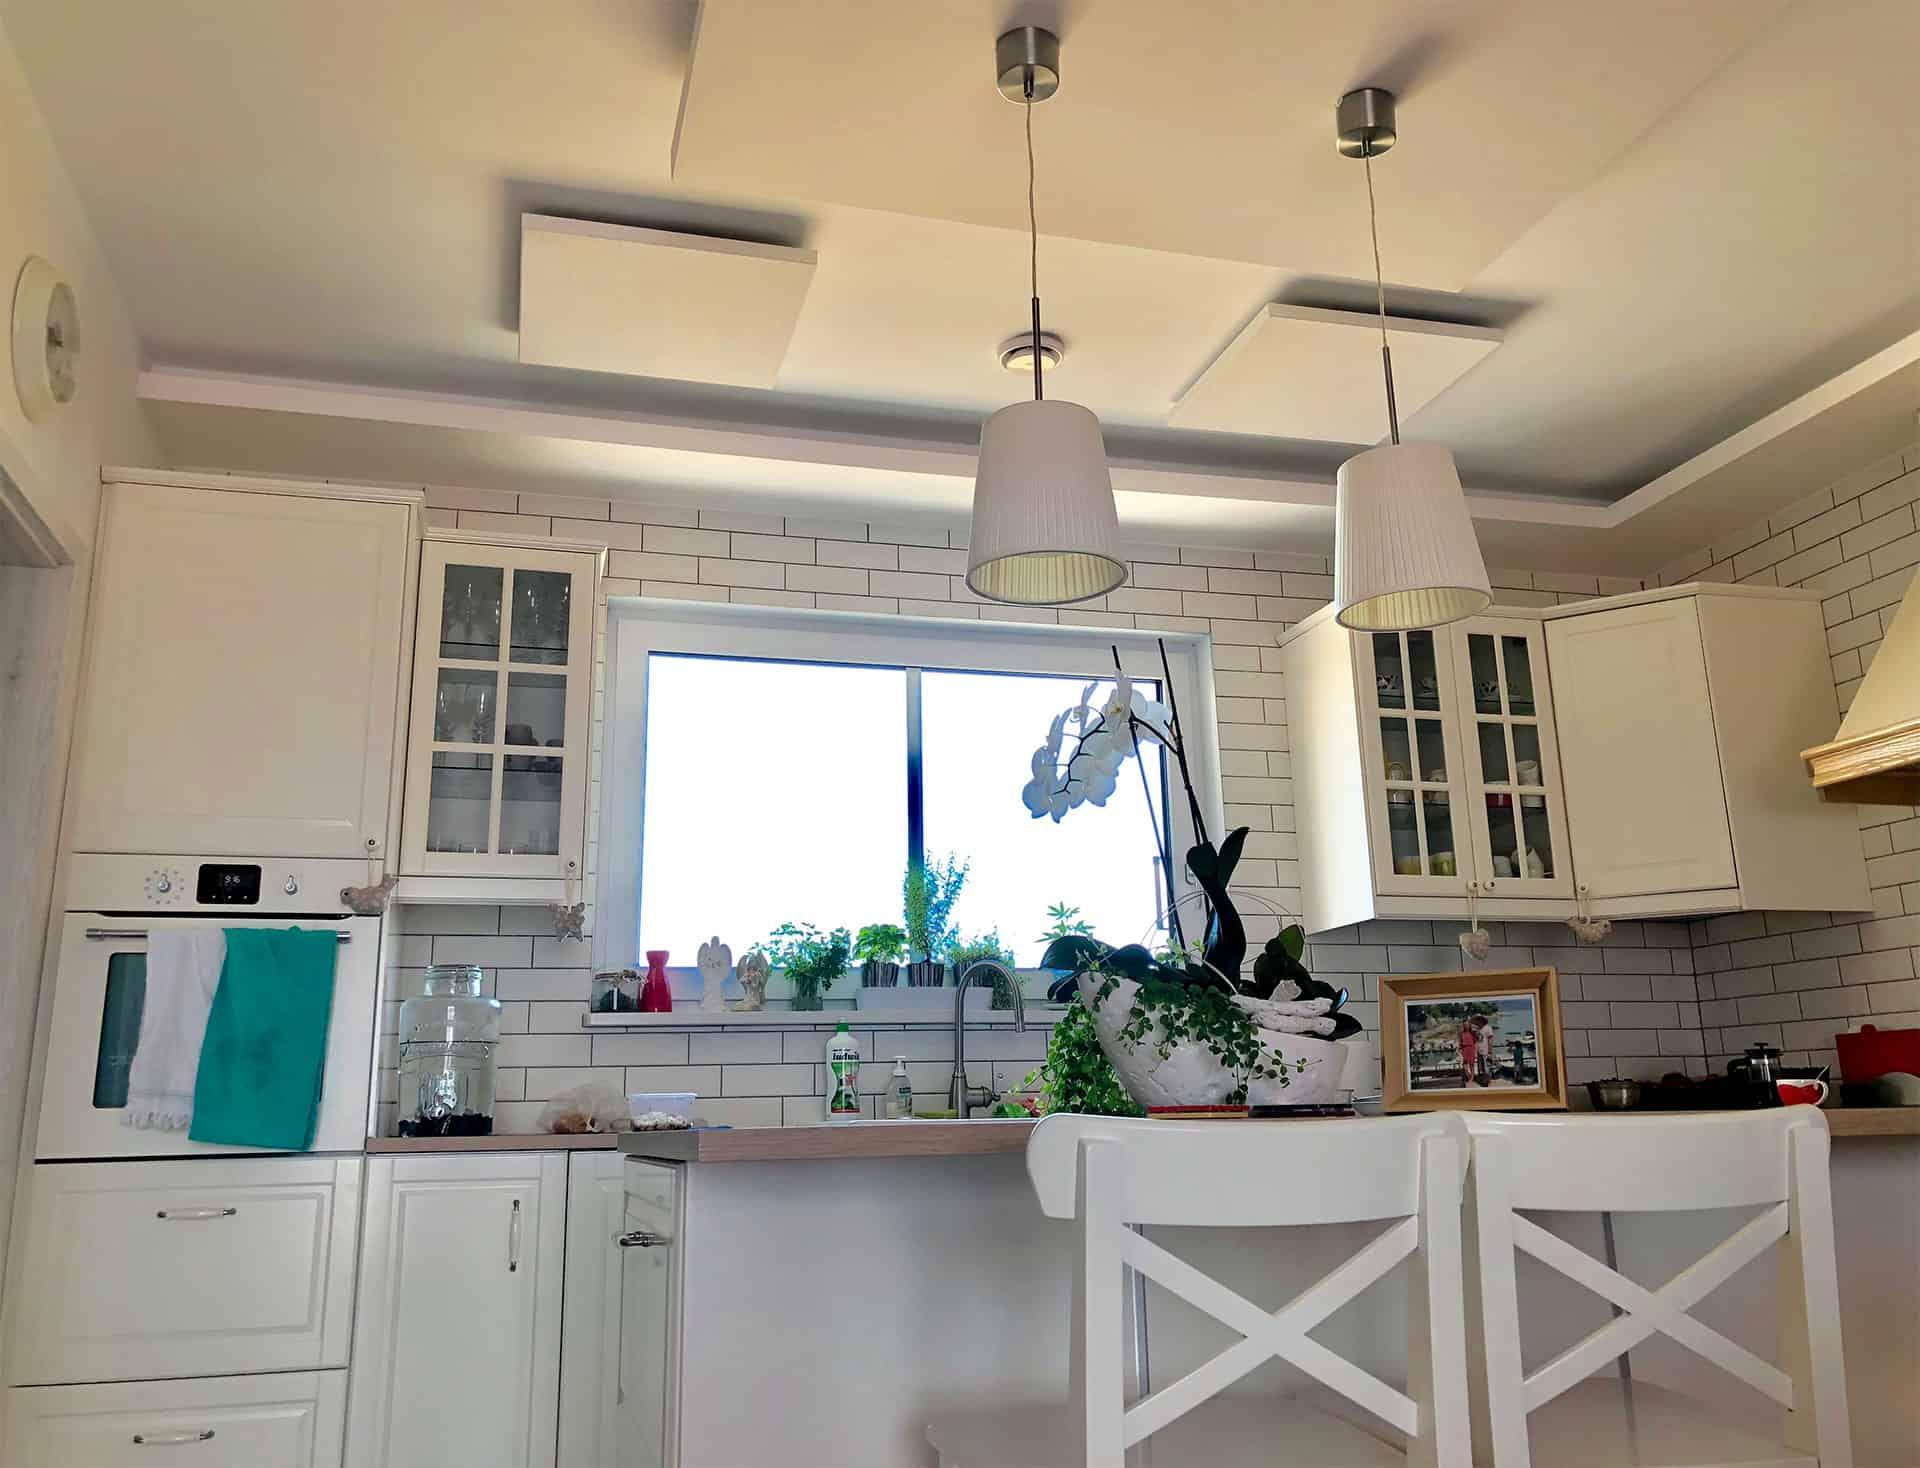 kuchnia 01 - Dom w Kobylance